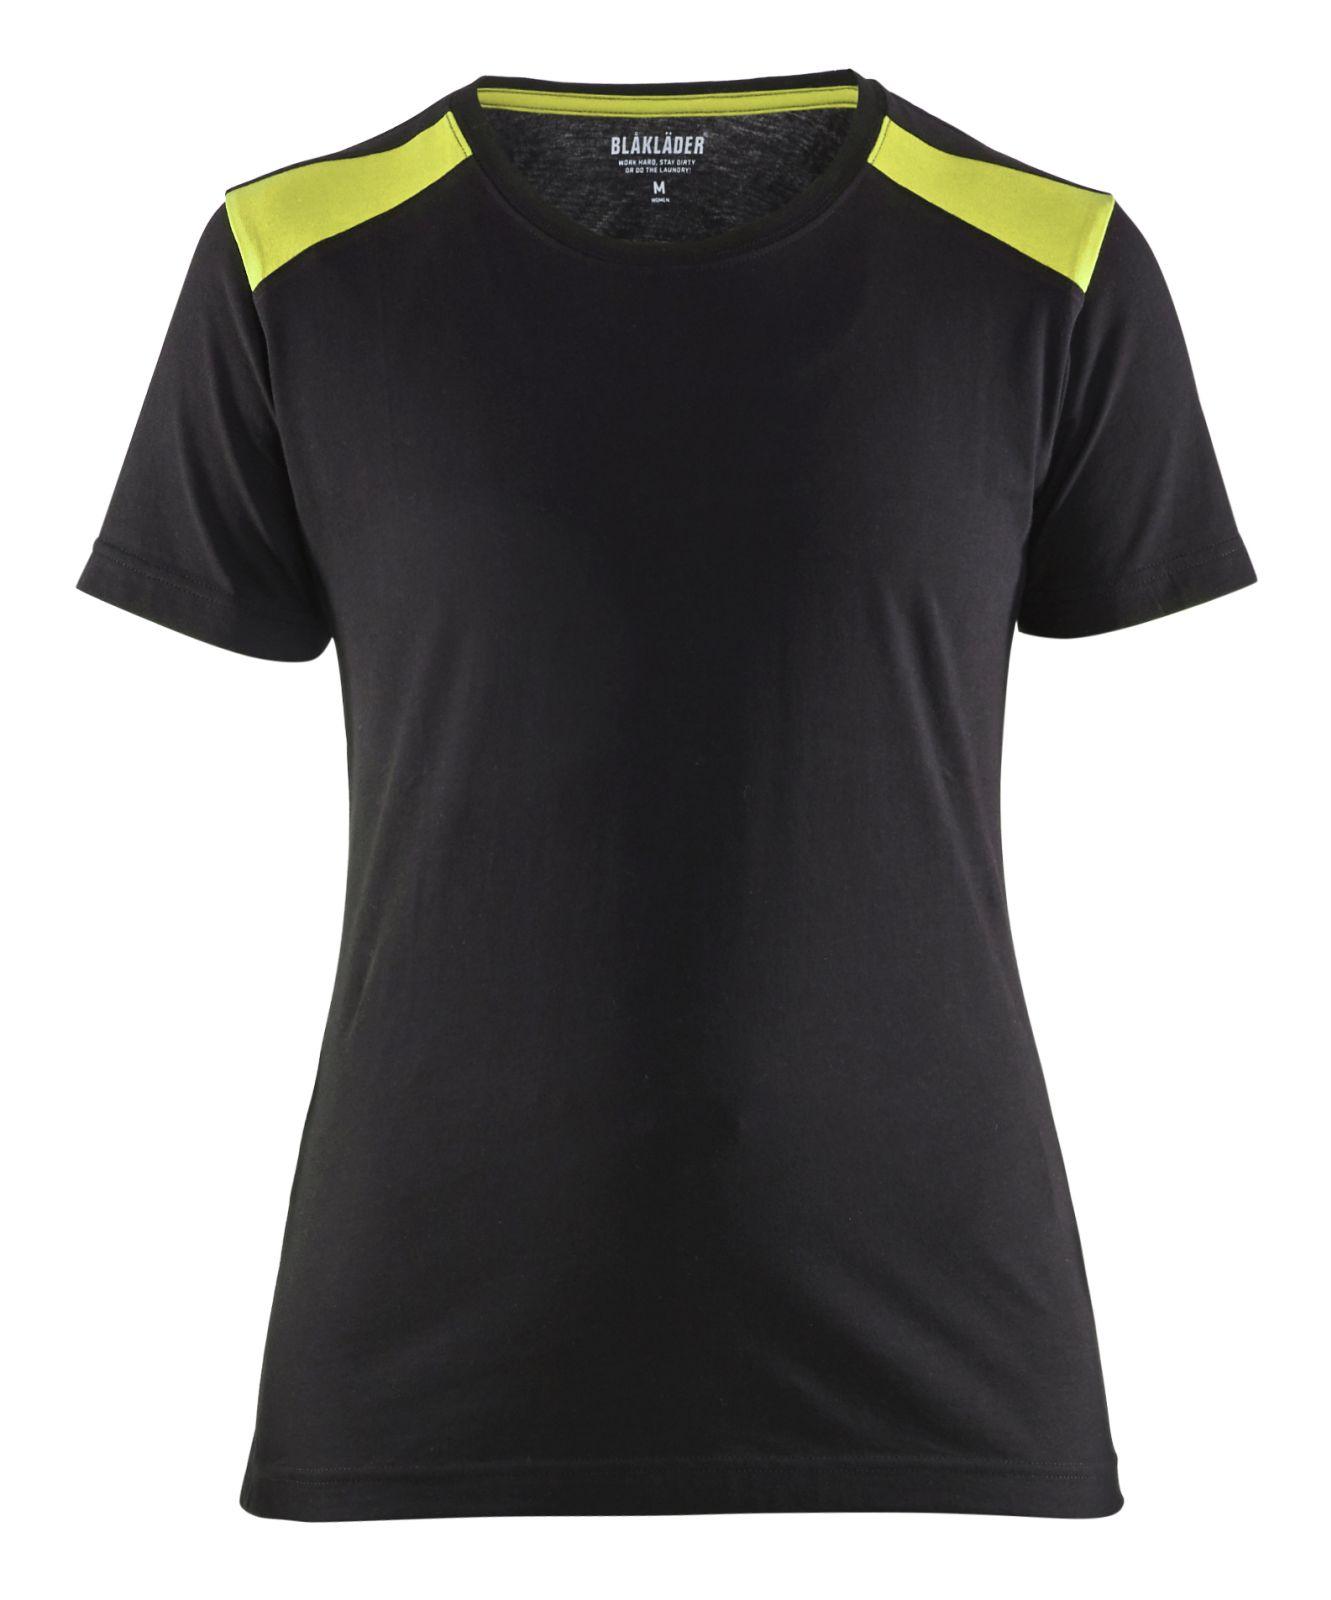 Blaklader T-shirts 34791042 zwart-fluo geel(9933)